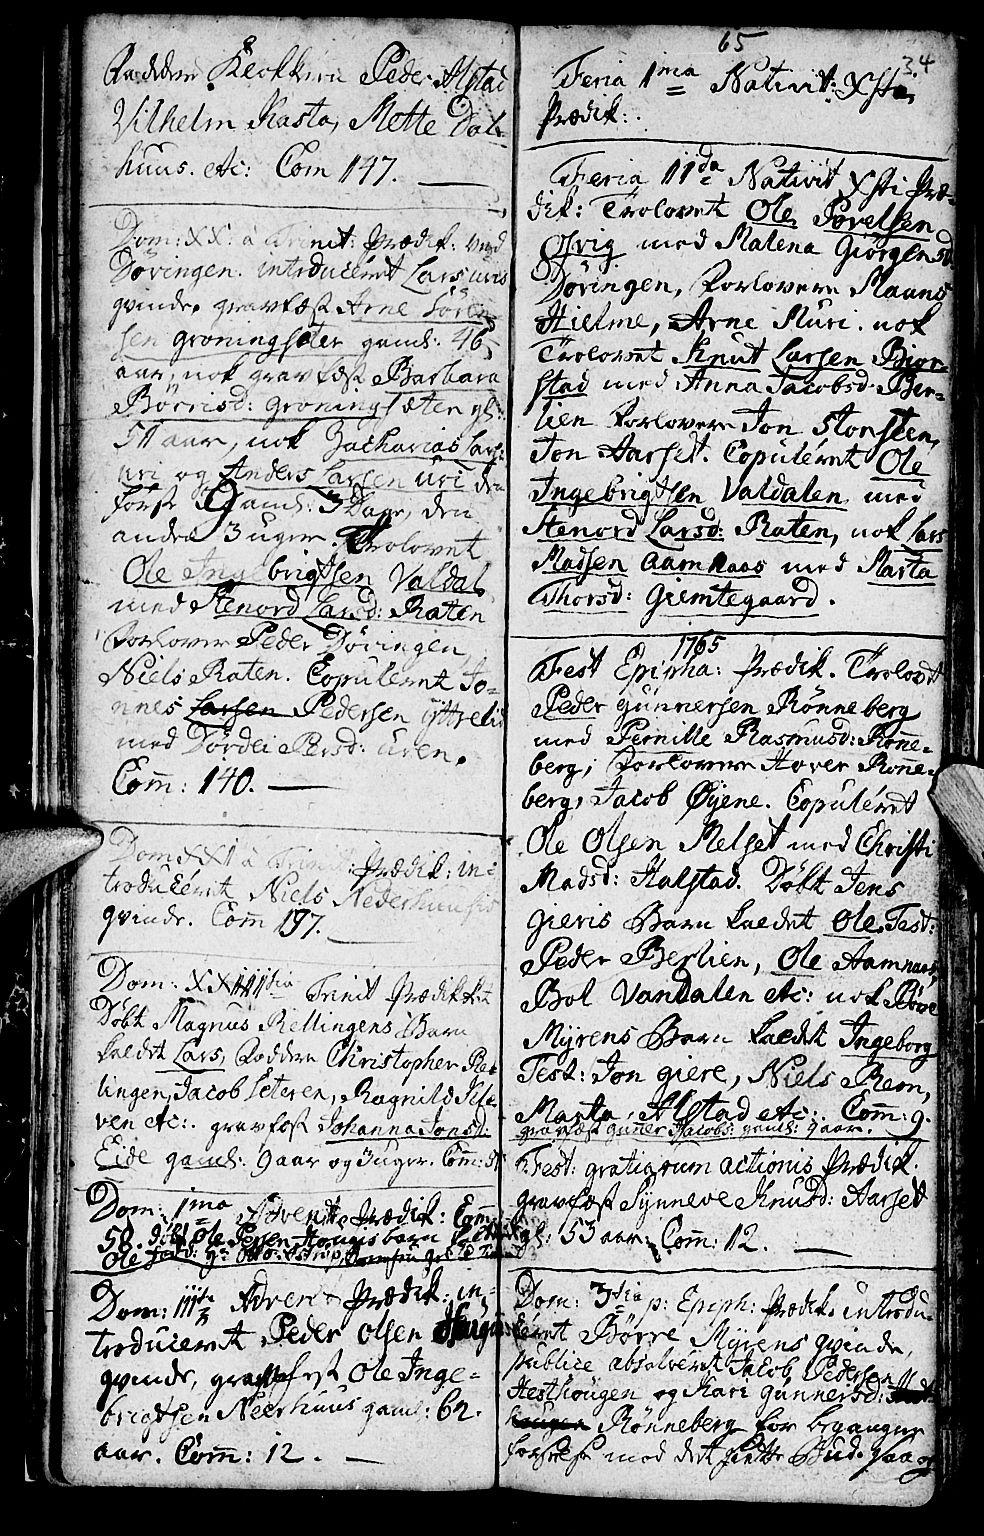 SAT, Ministerialprotokoller, klokkerbøker og fødselsregistre - Møre og Romsdal, 519/L0243: Ministerialbok nr. 519A02, 1760-1770, s. 33-34